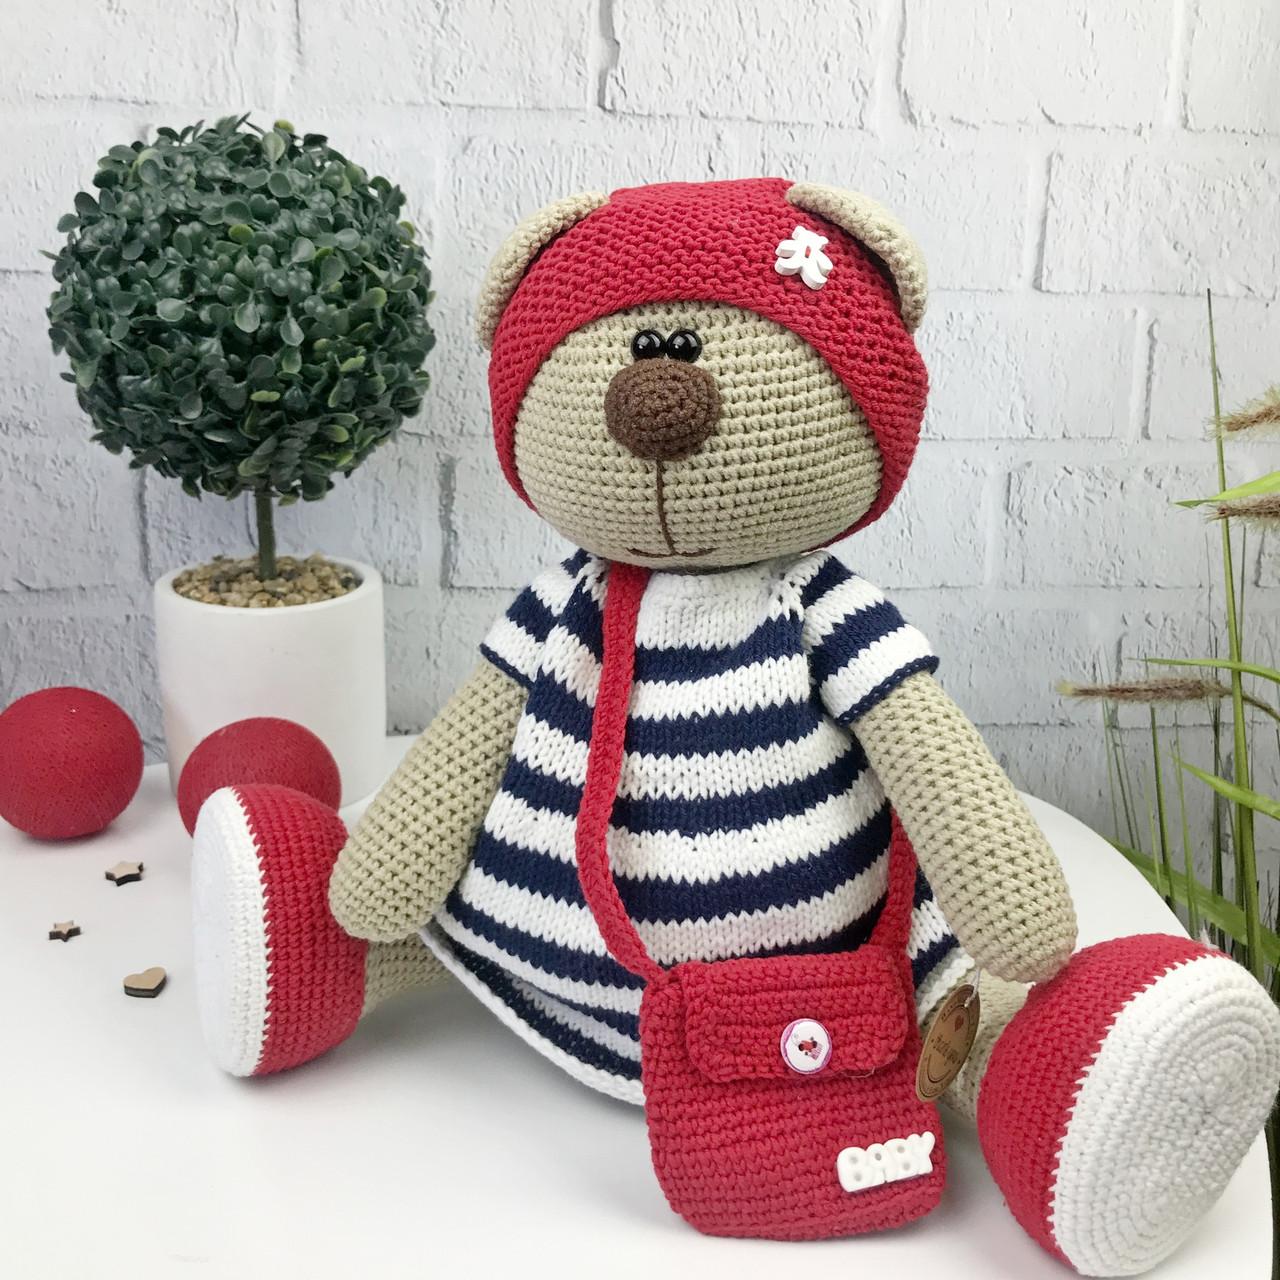 Вязаная детская игрушка ручной работы «Медведица»